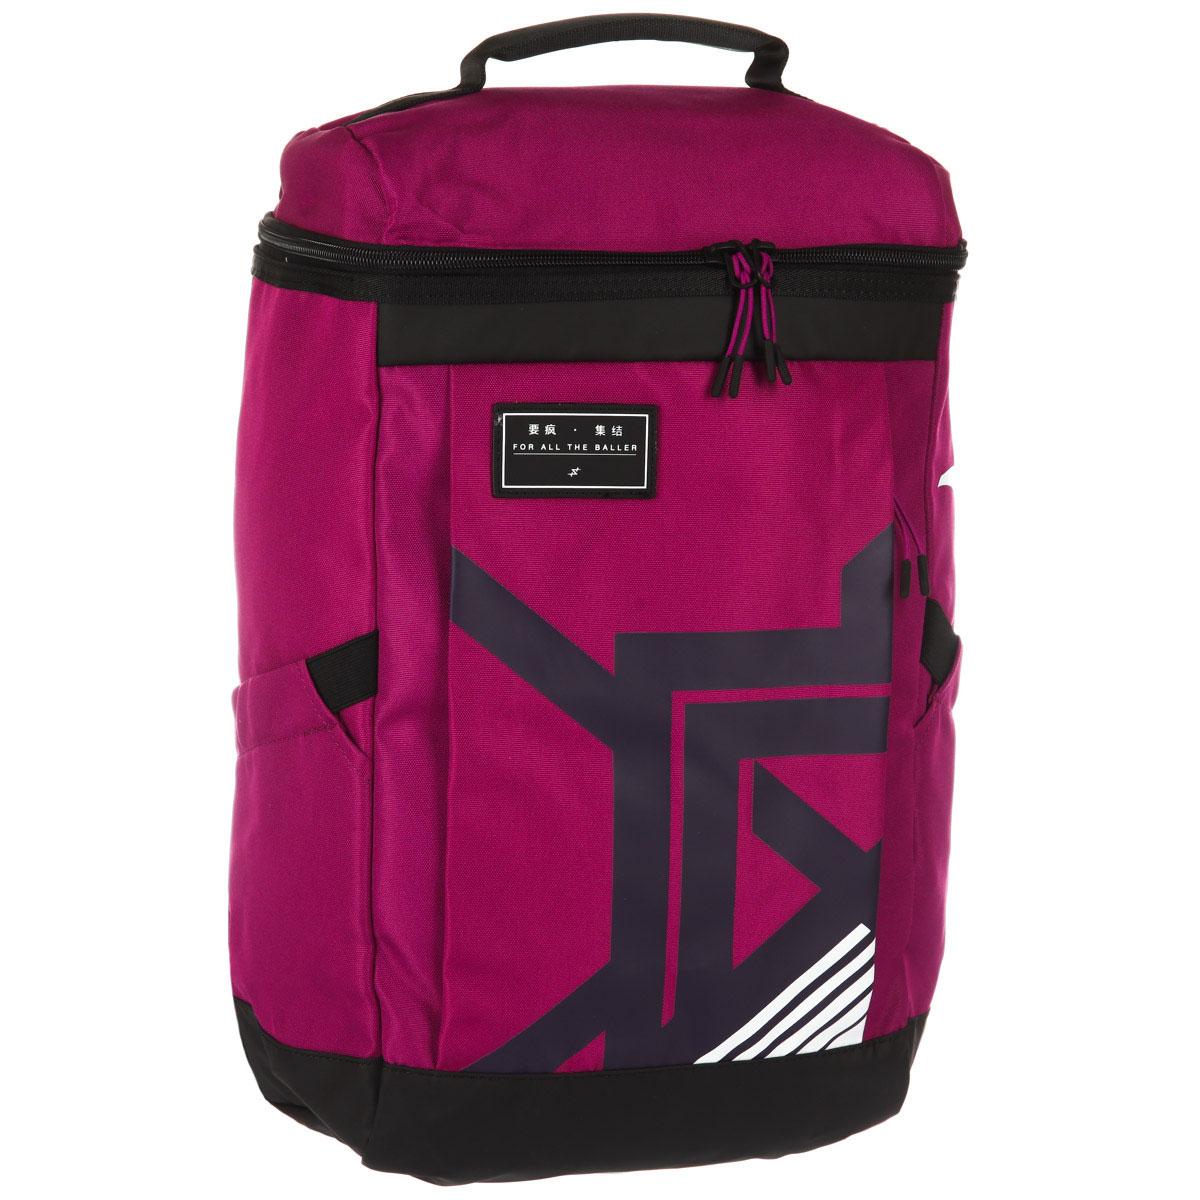 Купить Другие товары ANTA, Рюкзак ANTA Backpack Shock The Game, Розовый